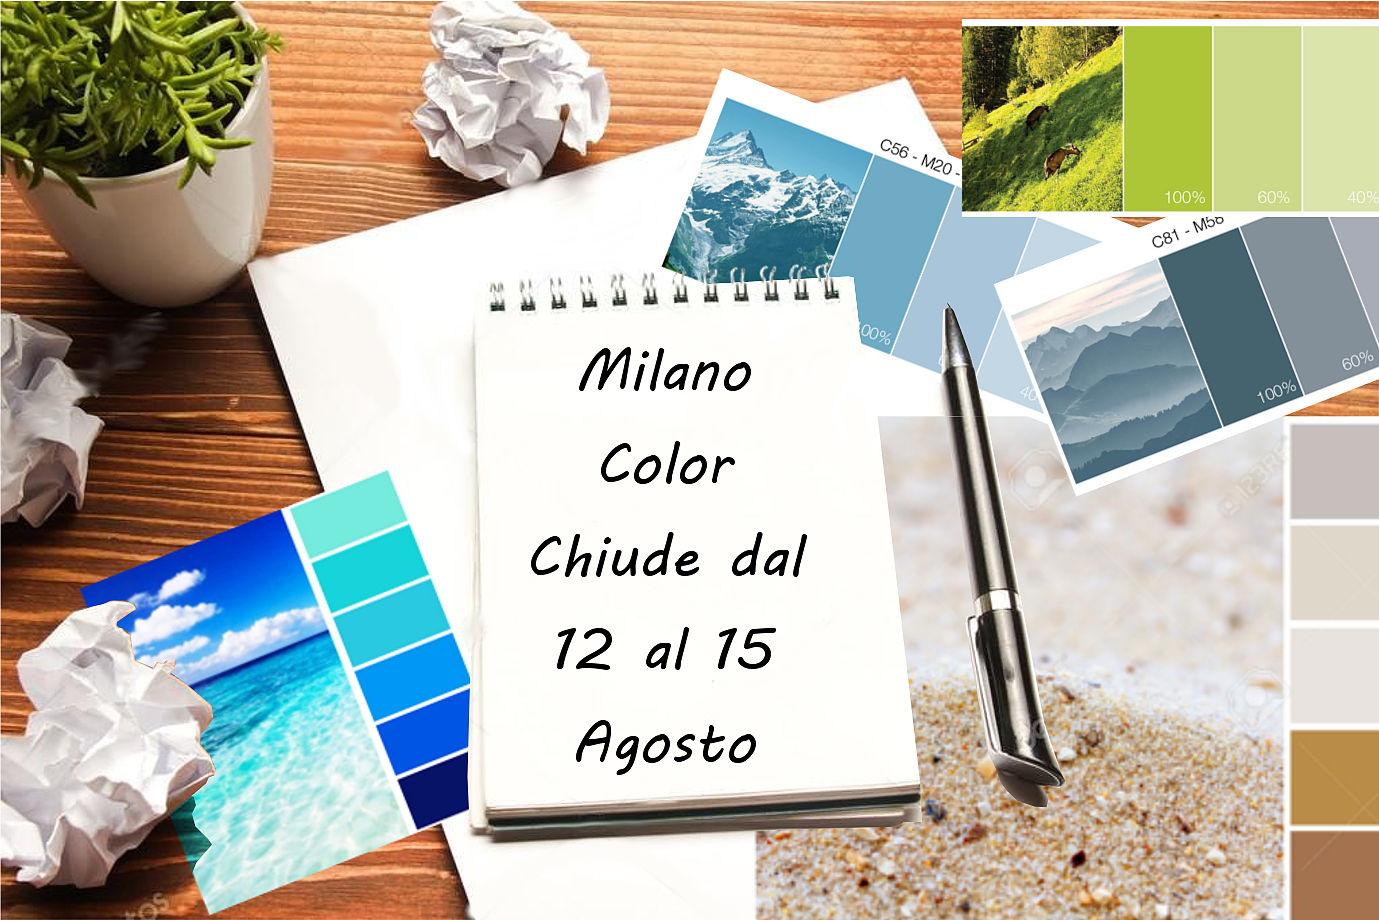 Mlano Color chiude dal 12 al 15 Agosto